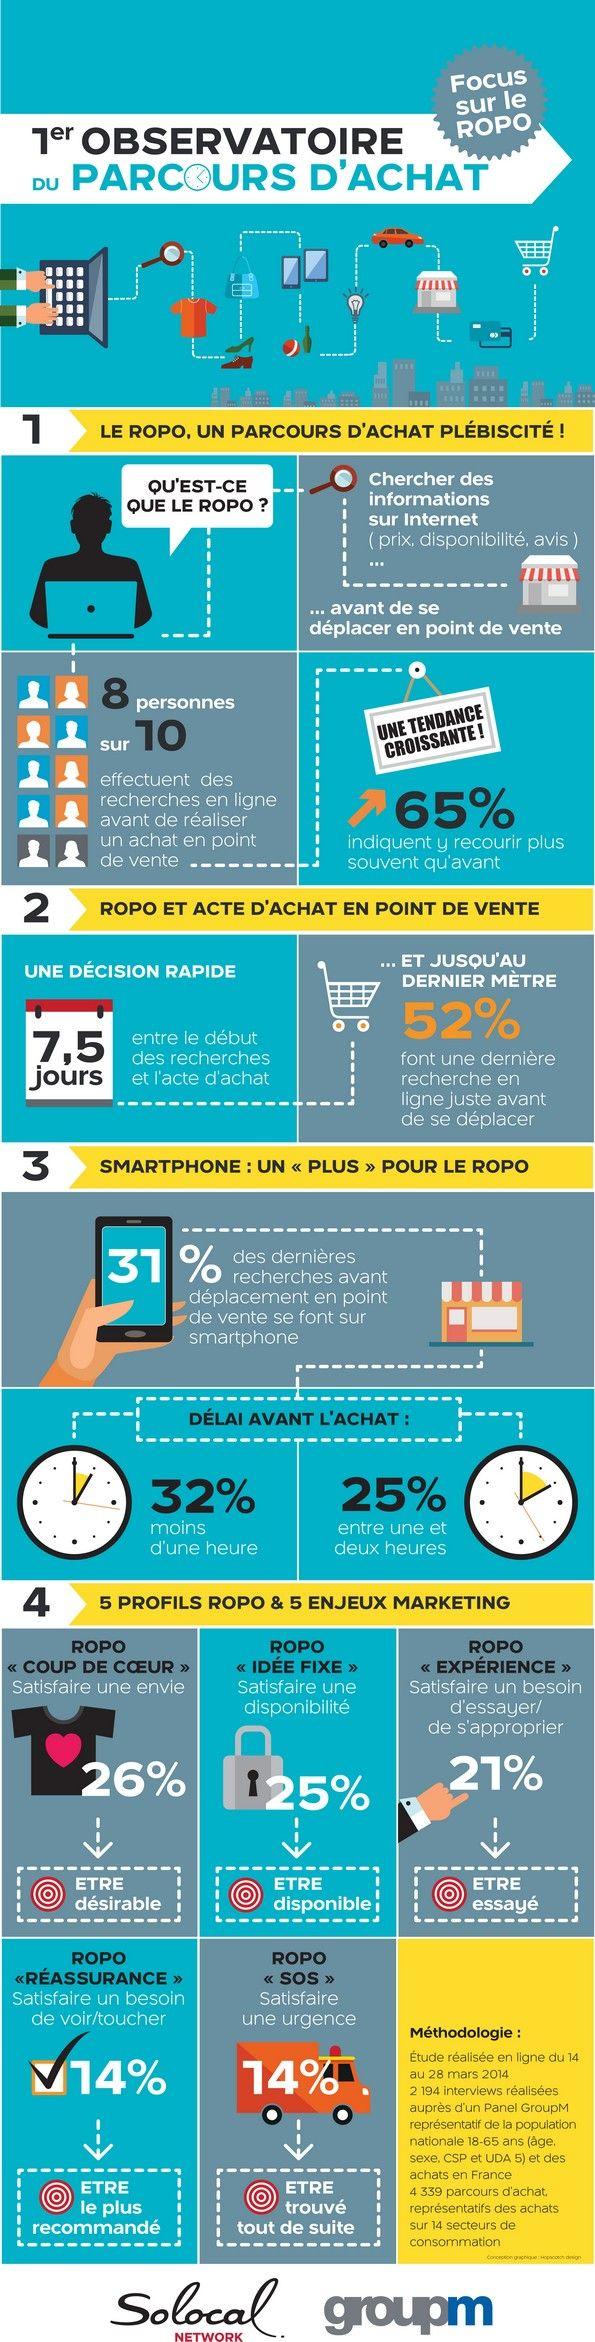 Lors d'un achat ROPO, il se passe en moyenne 7,5 jours entre le début de la prise d'information et l'acte d'achat.